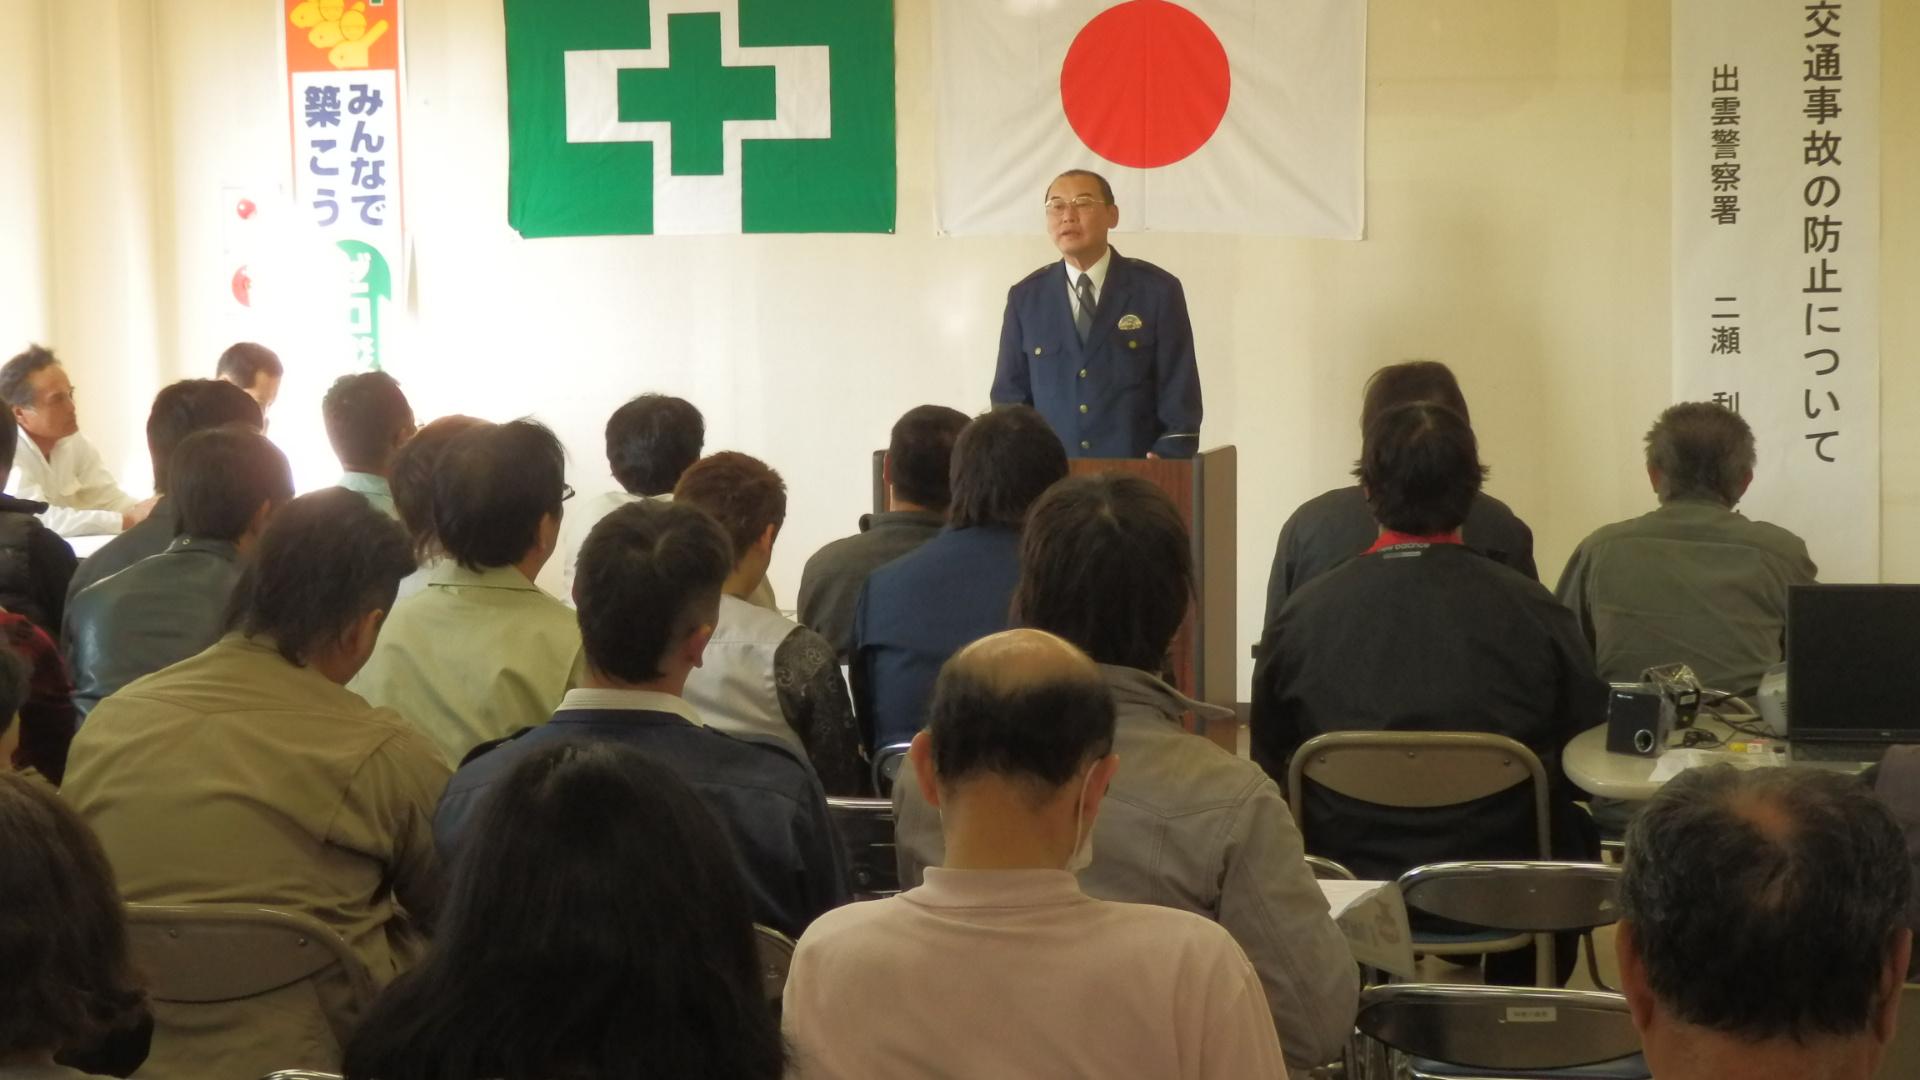 安全衛生大会を開催しました。_b0254686_113507.jpg